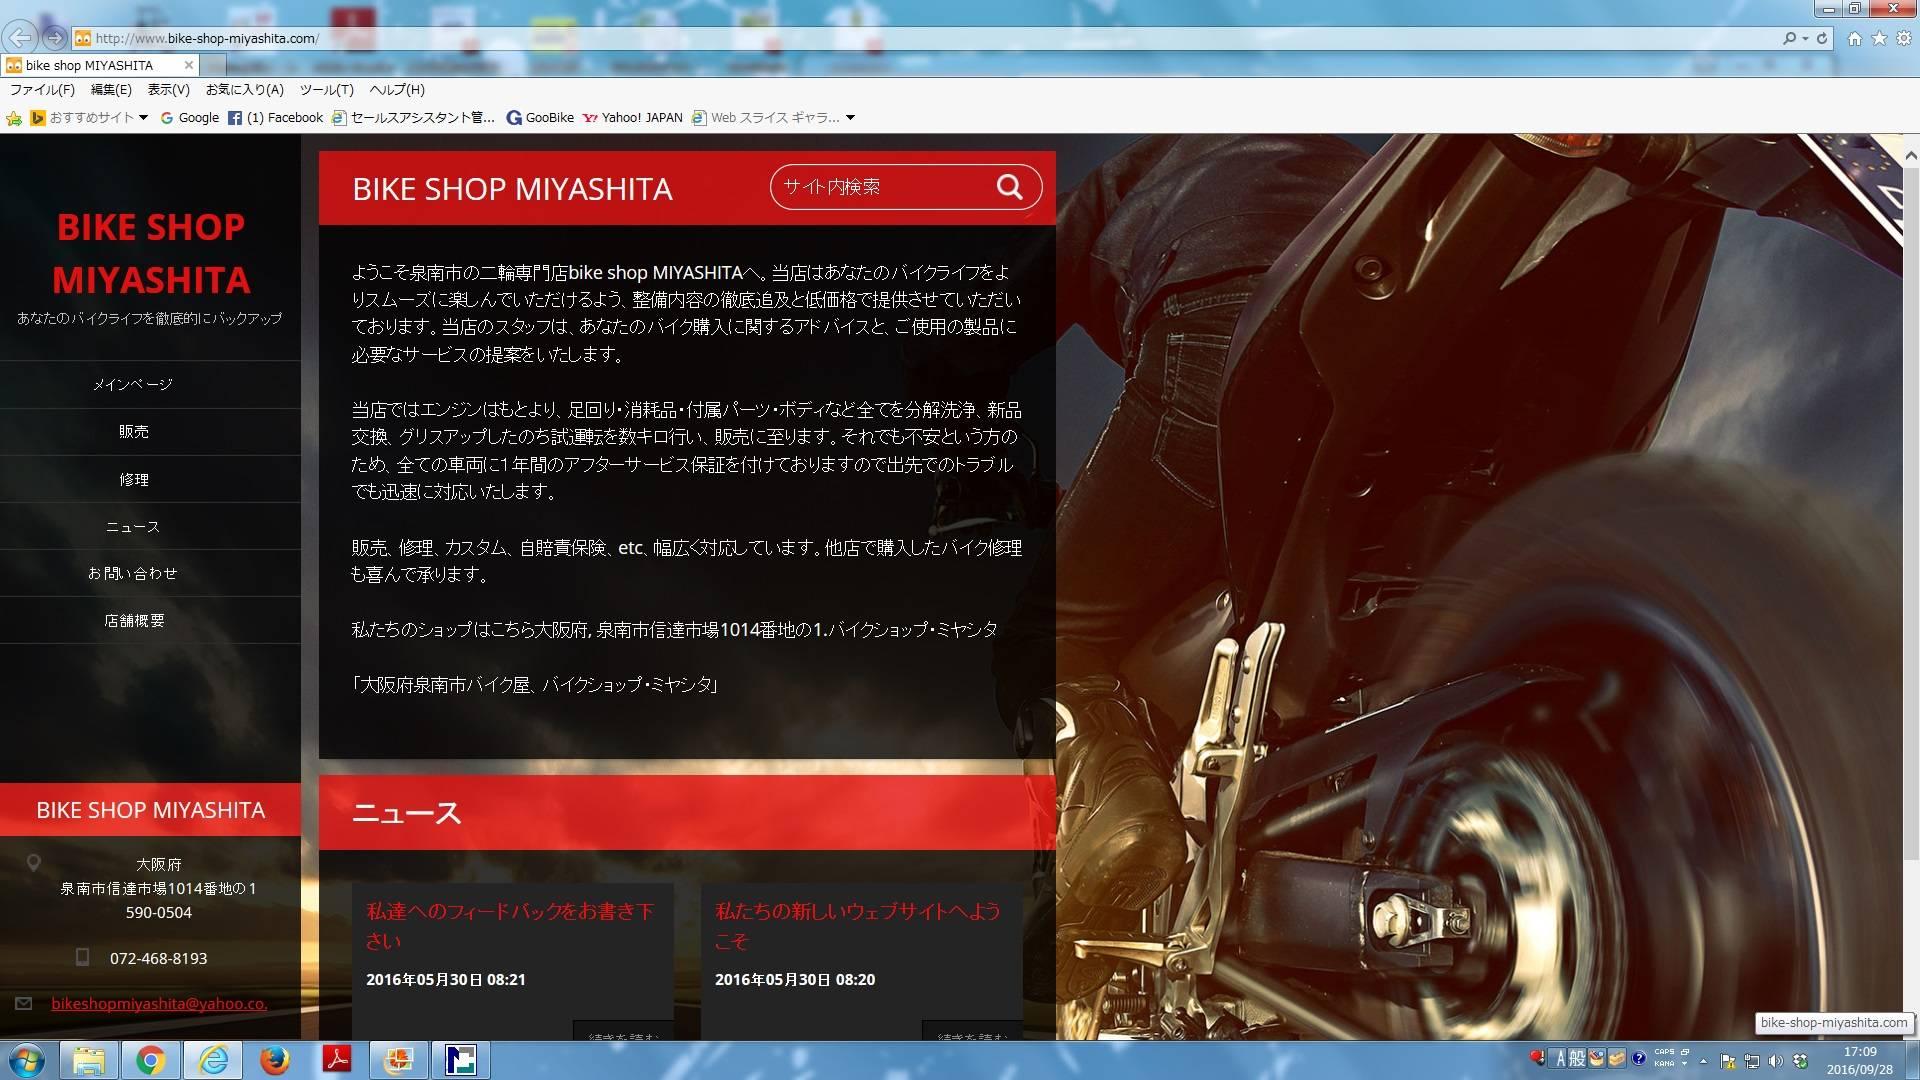 bike shop MIYASHITA